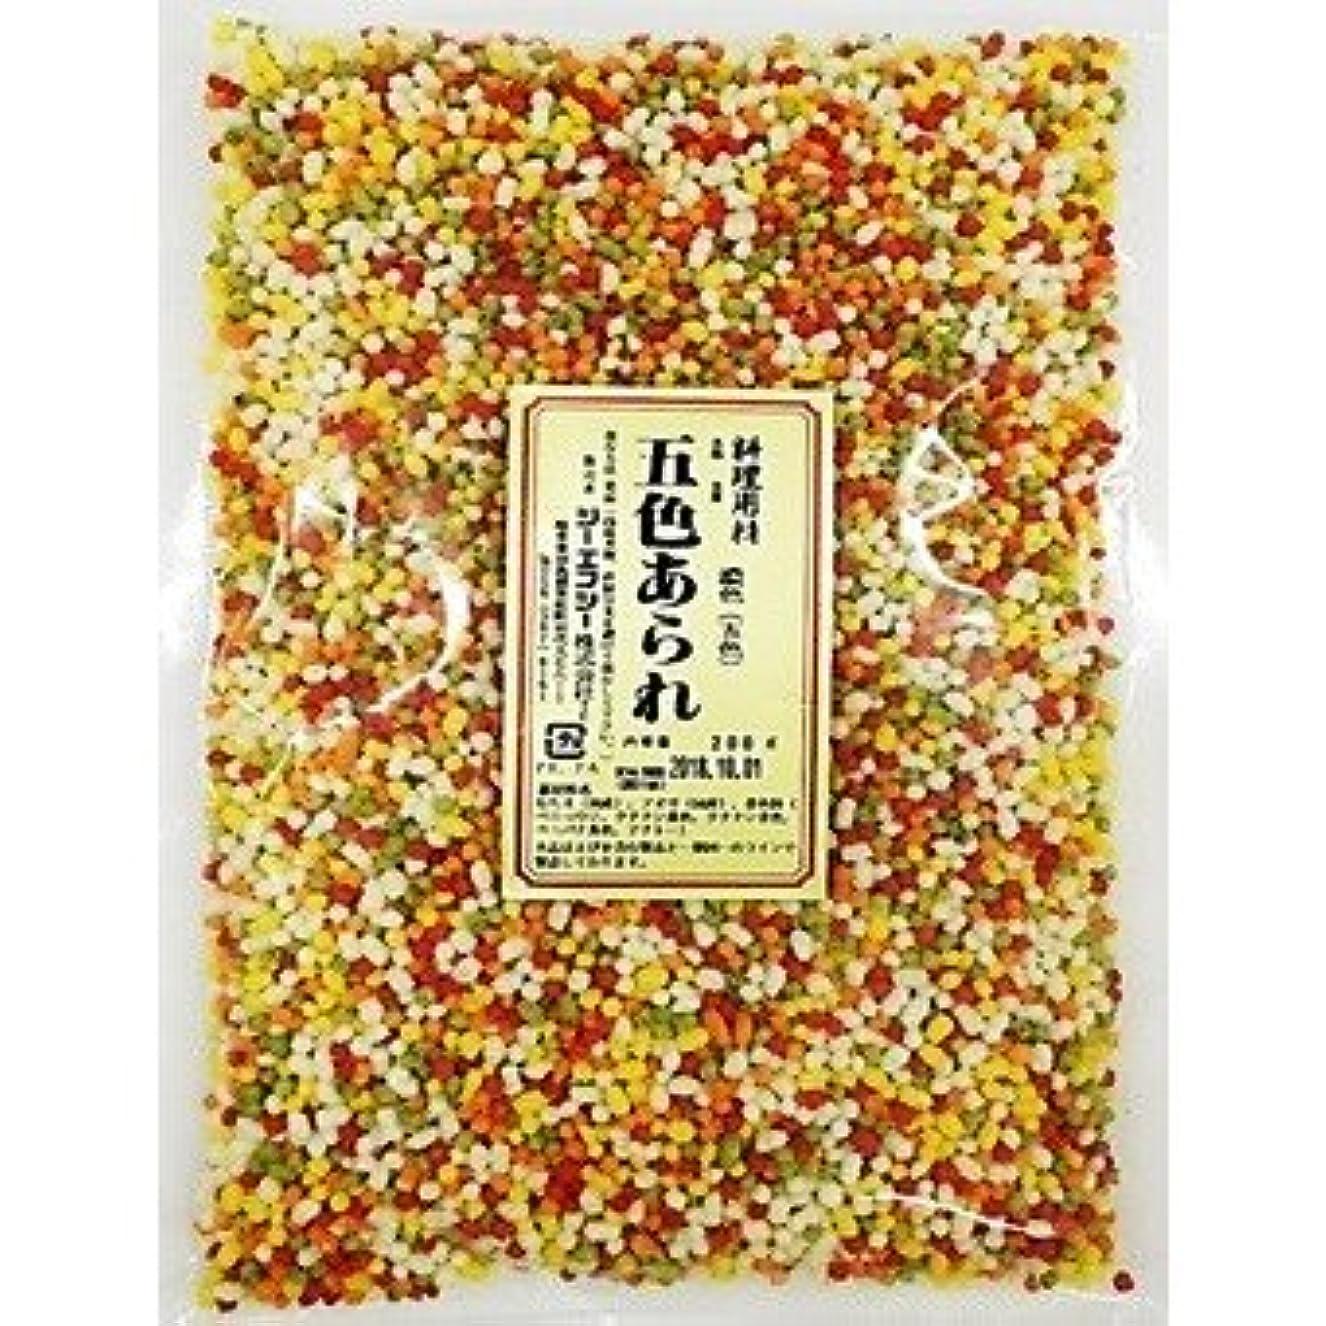 付属品適合する反応する【精米】ホクレン 北海道産 きたゆきもち 5kg 平成30年産